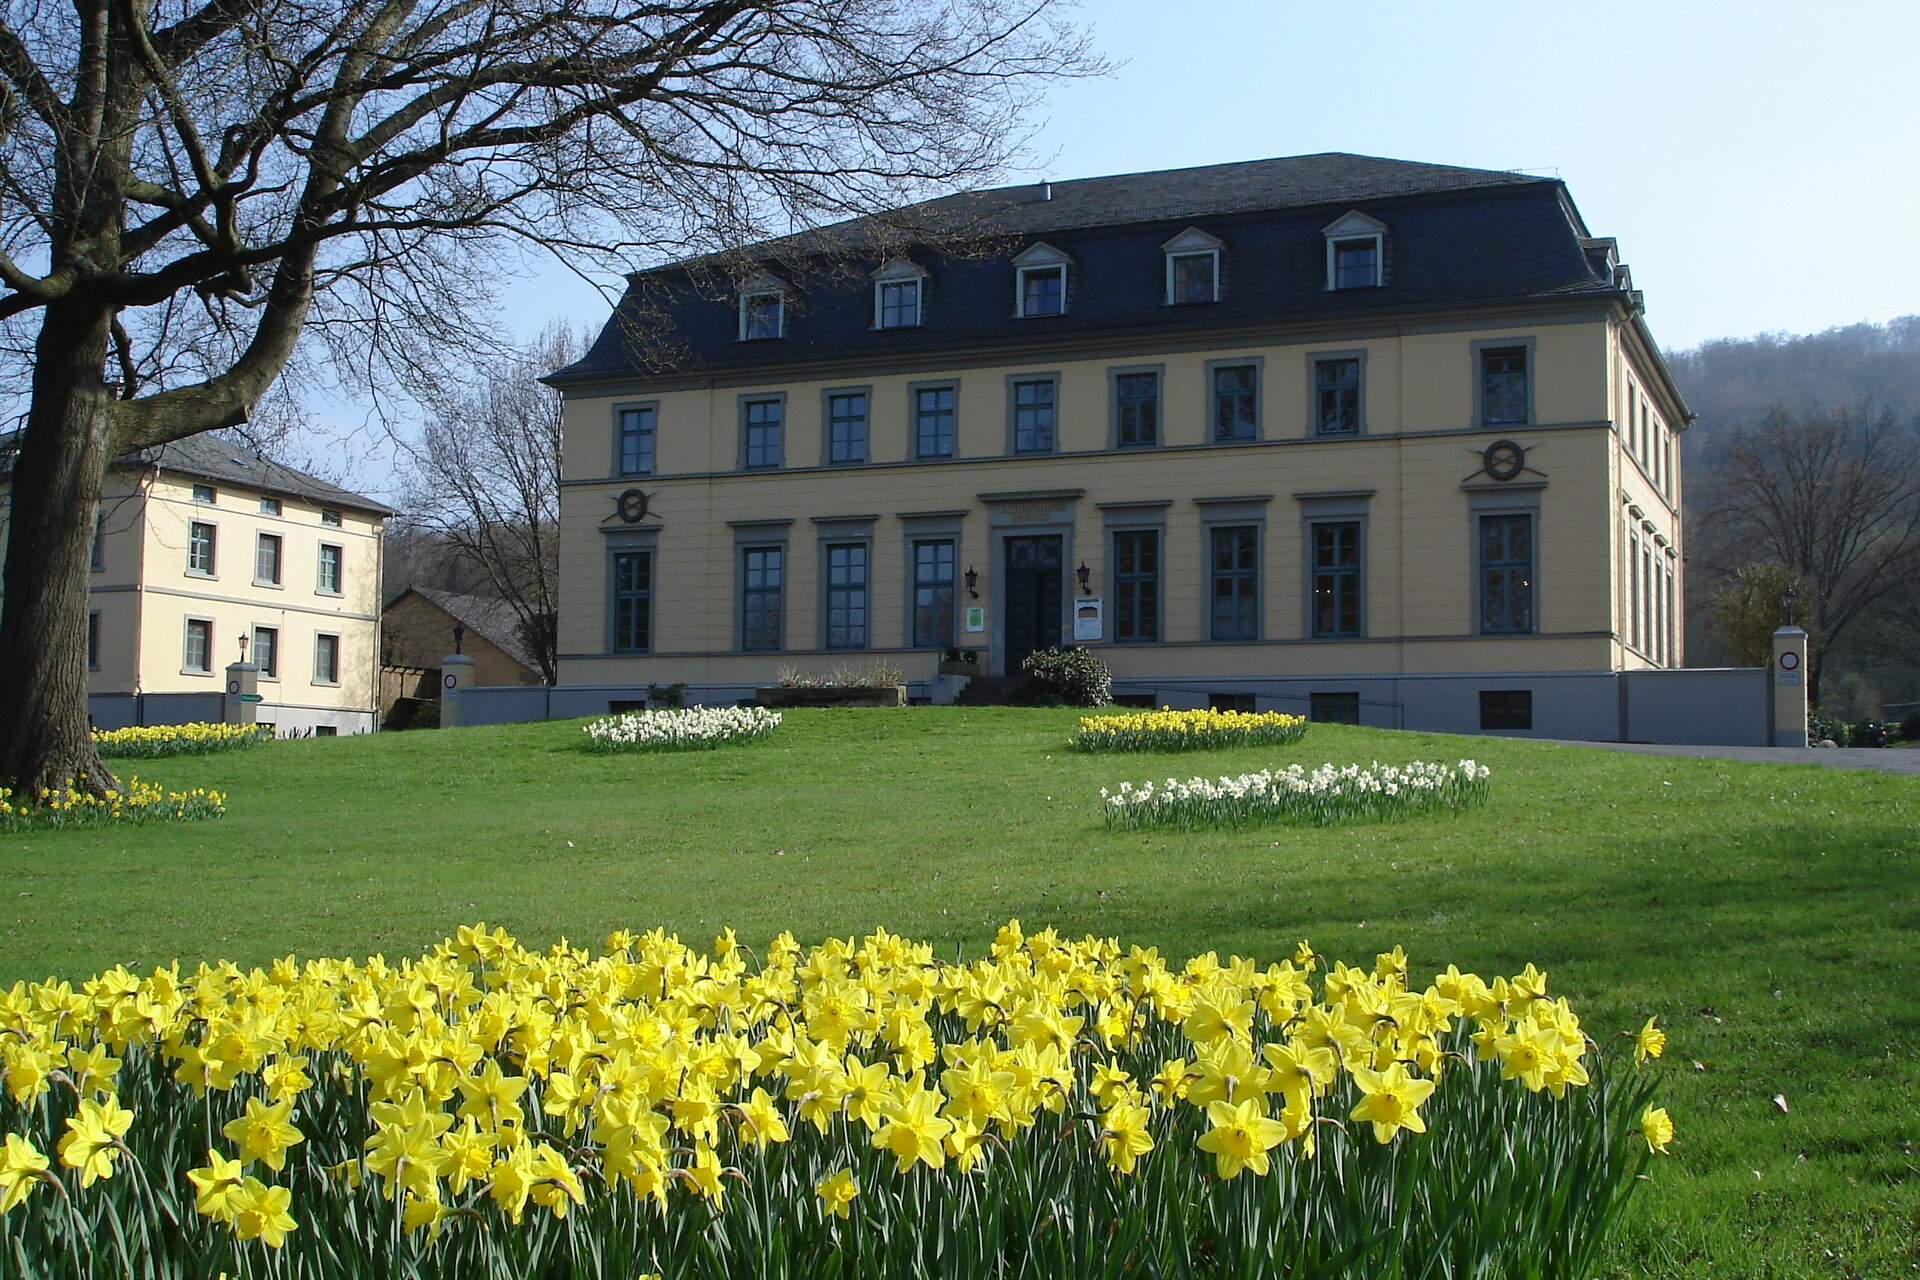 Jagdschloss Frühling ©Stadt Springe